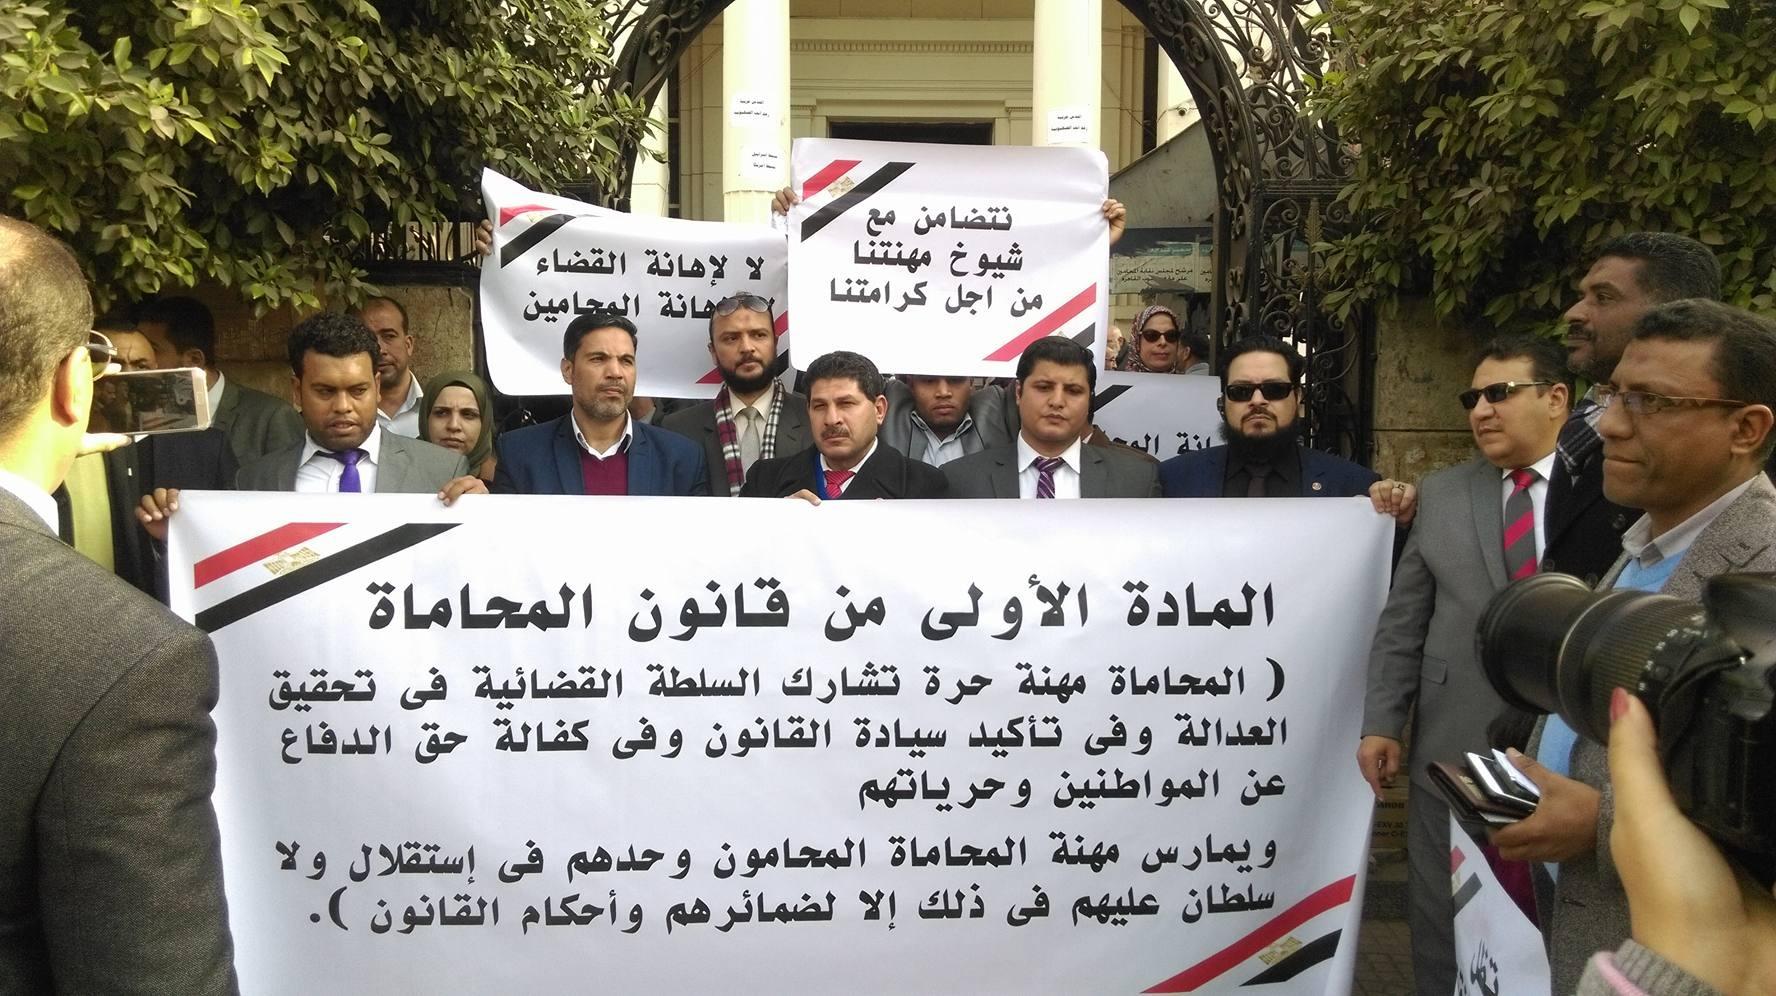 محامون ينددون بحبس زملائهم بتهمة إهانة القضاء في وقفة بالنقابة العامة (صور)